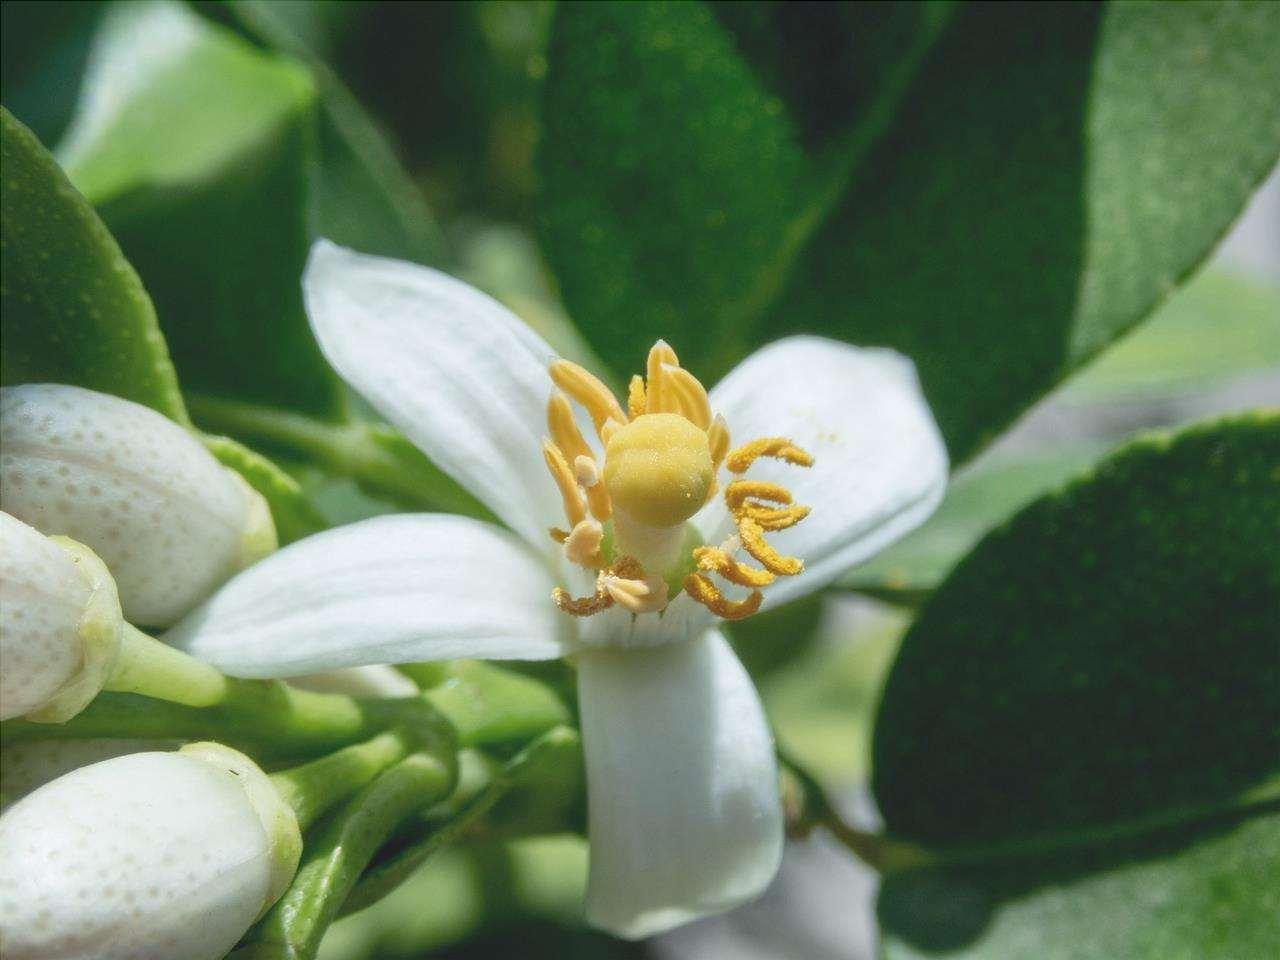 L'albero di limone viene piantato alla fine dell'inverno.